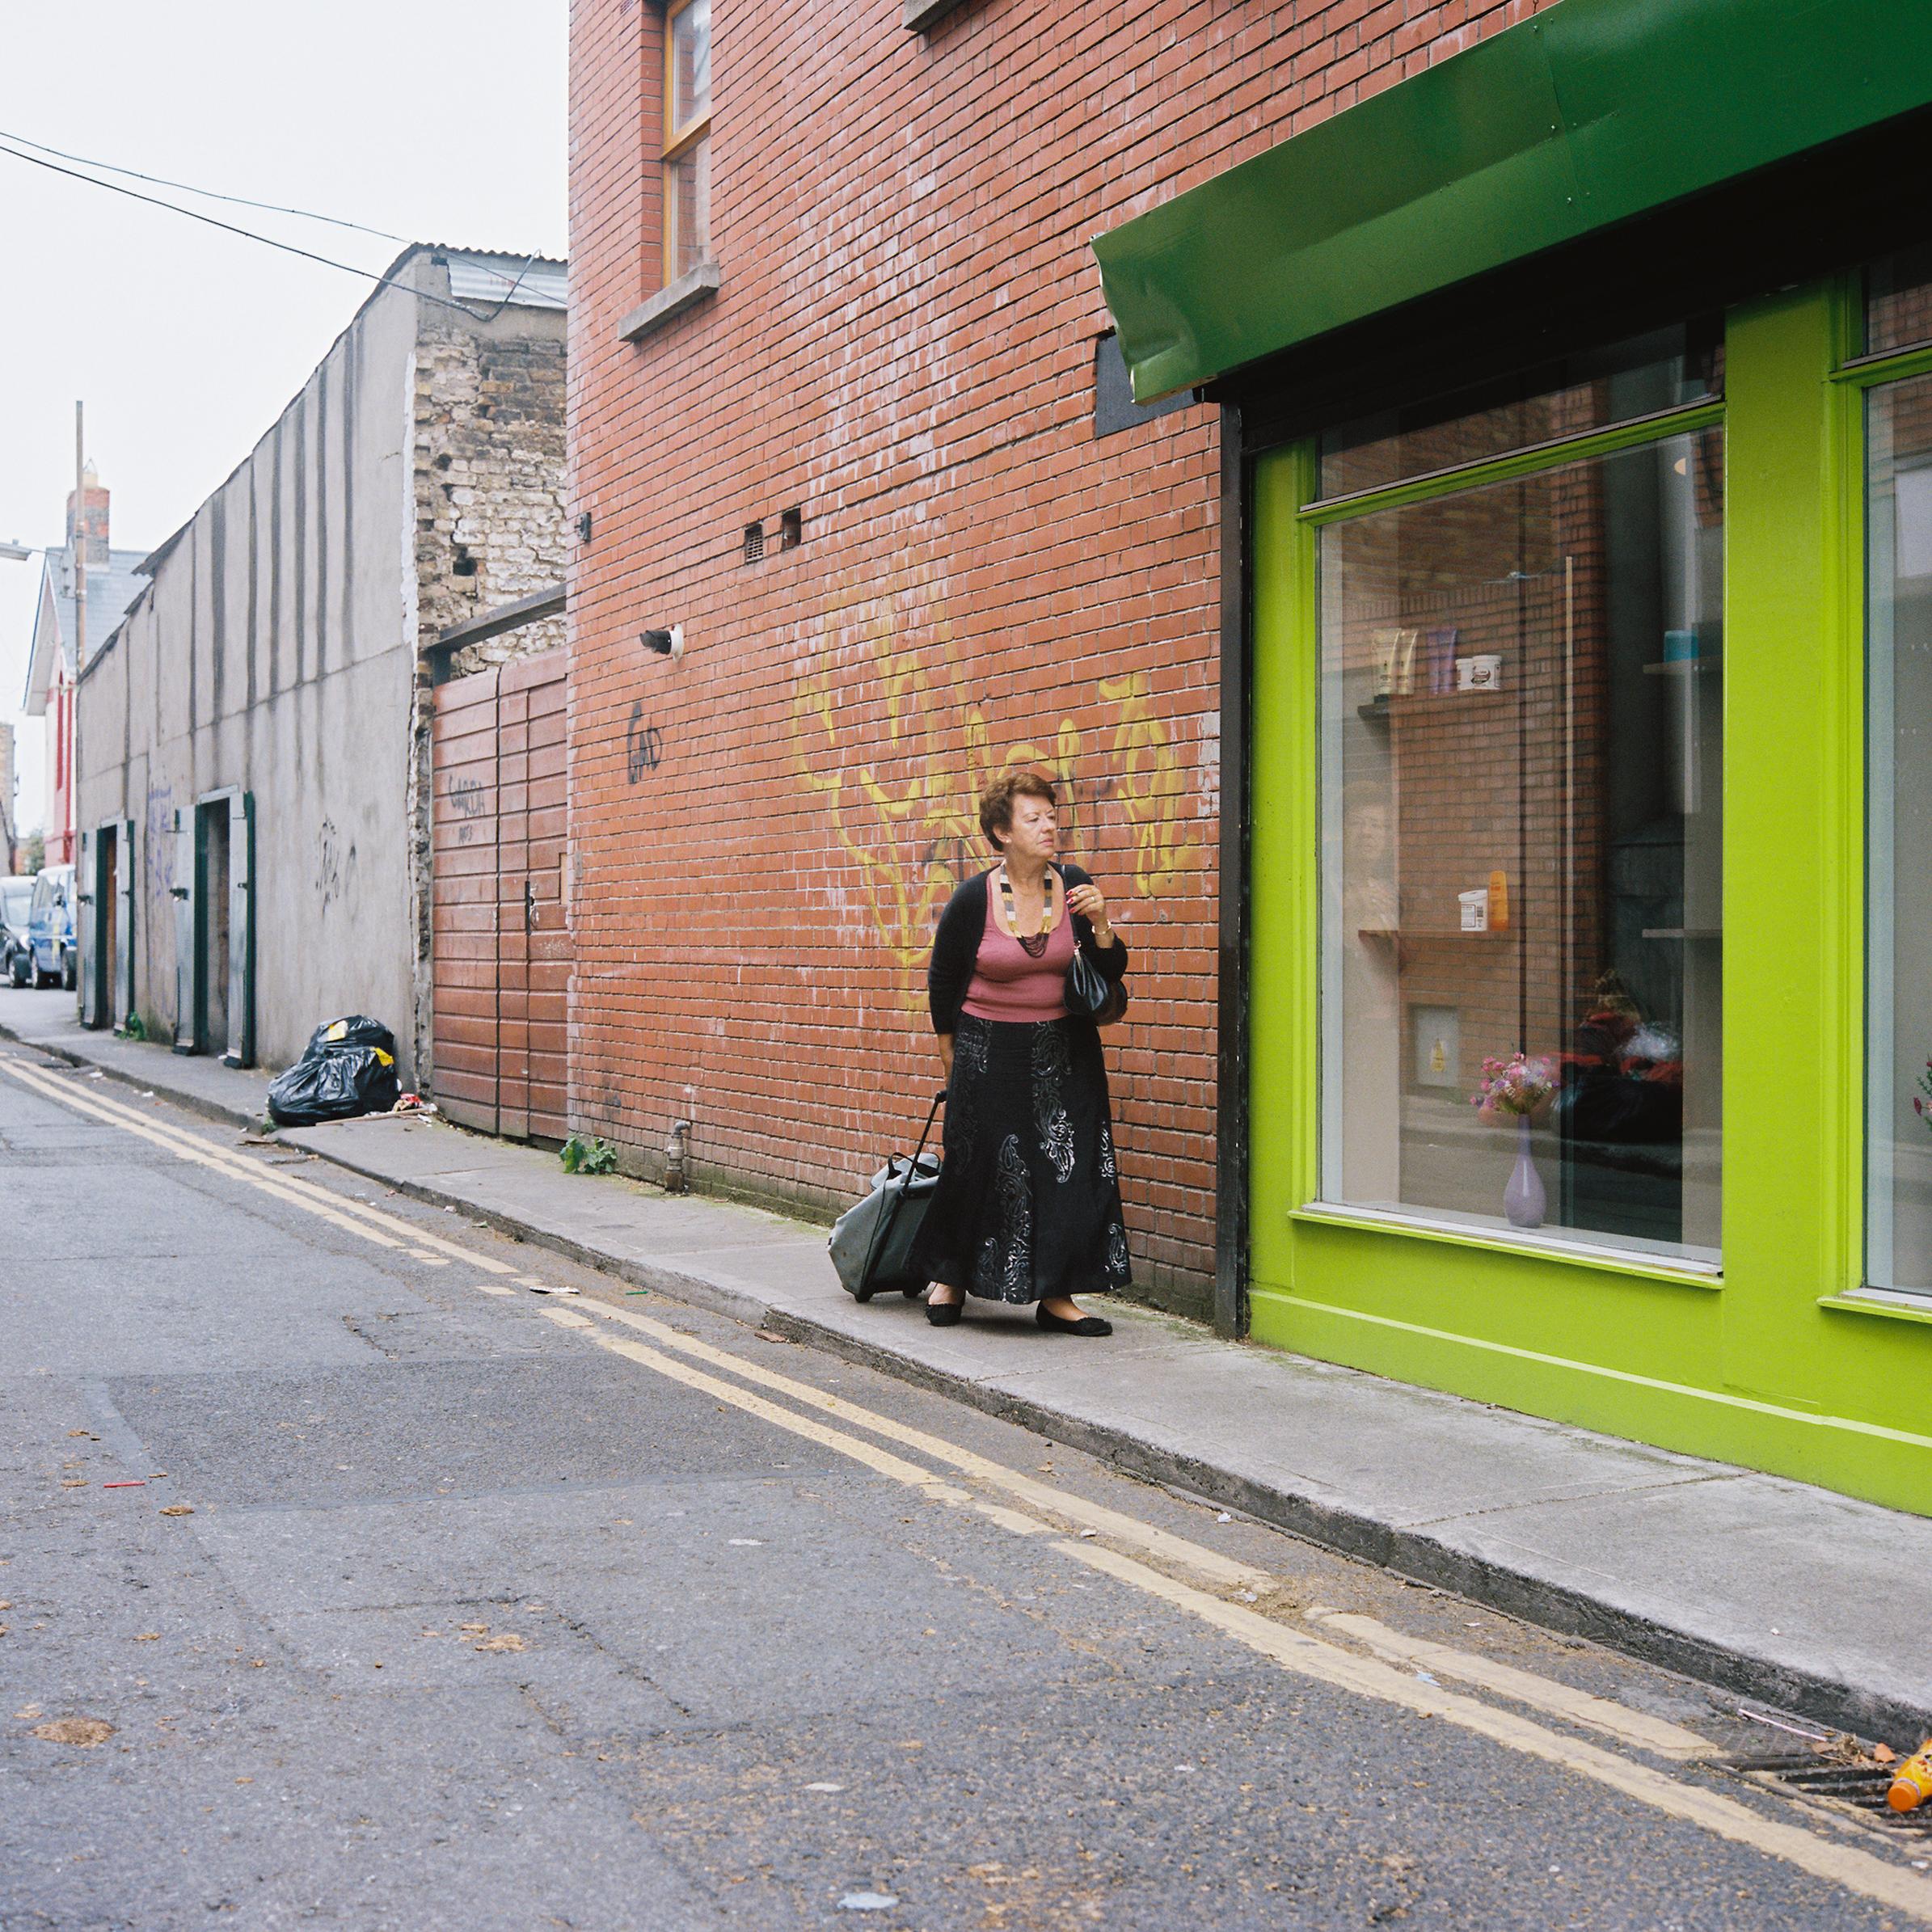 26.TheLiberties.Dublin.jpg